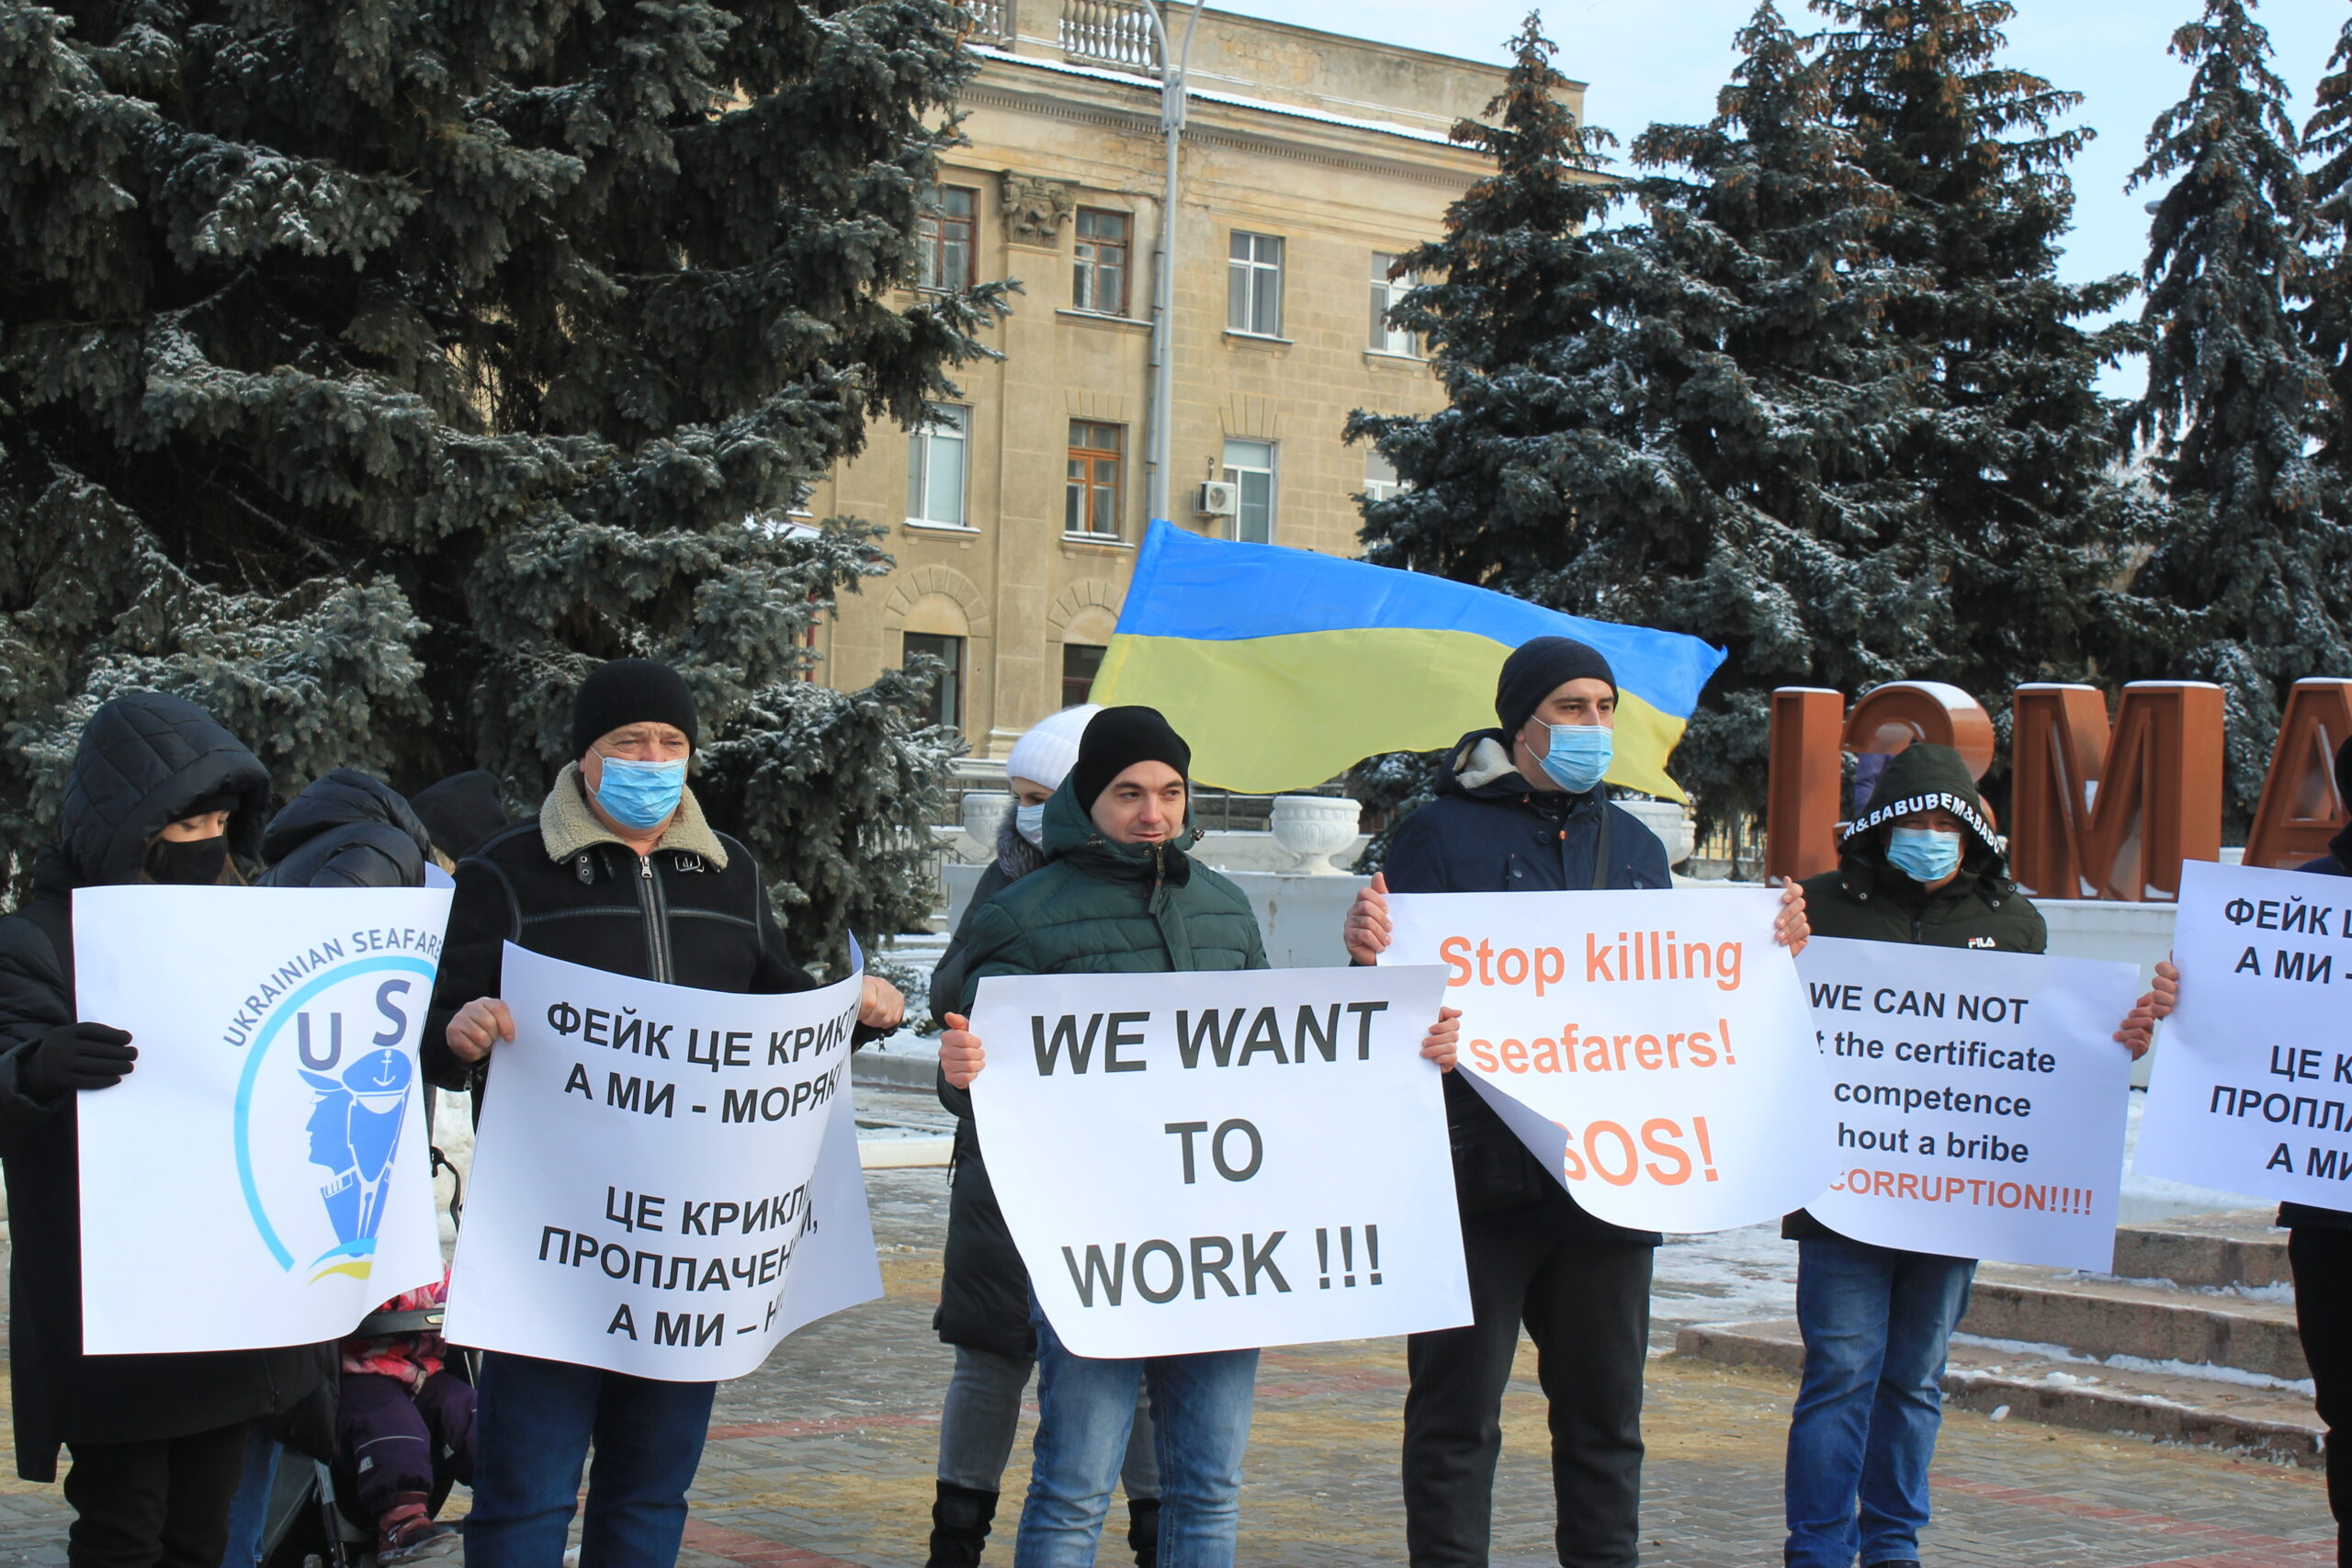 Моряки Измаила поддержали всеукраинскую акцию против коррупционных схем